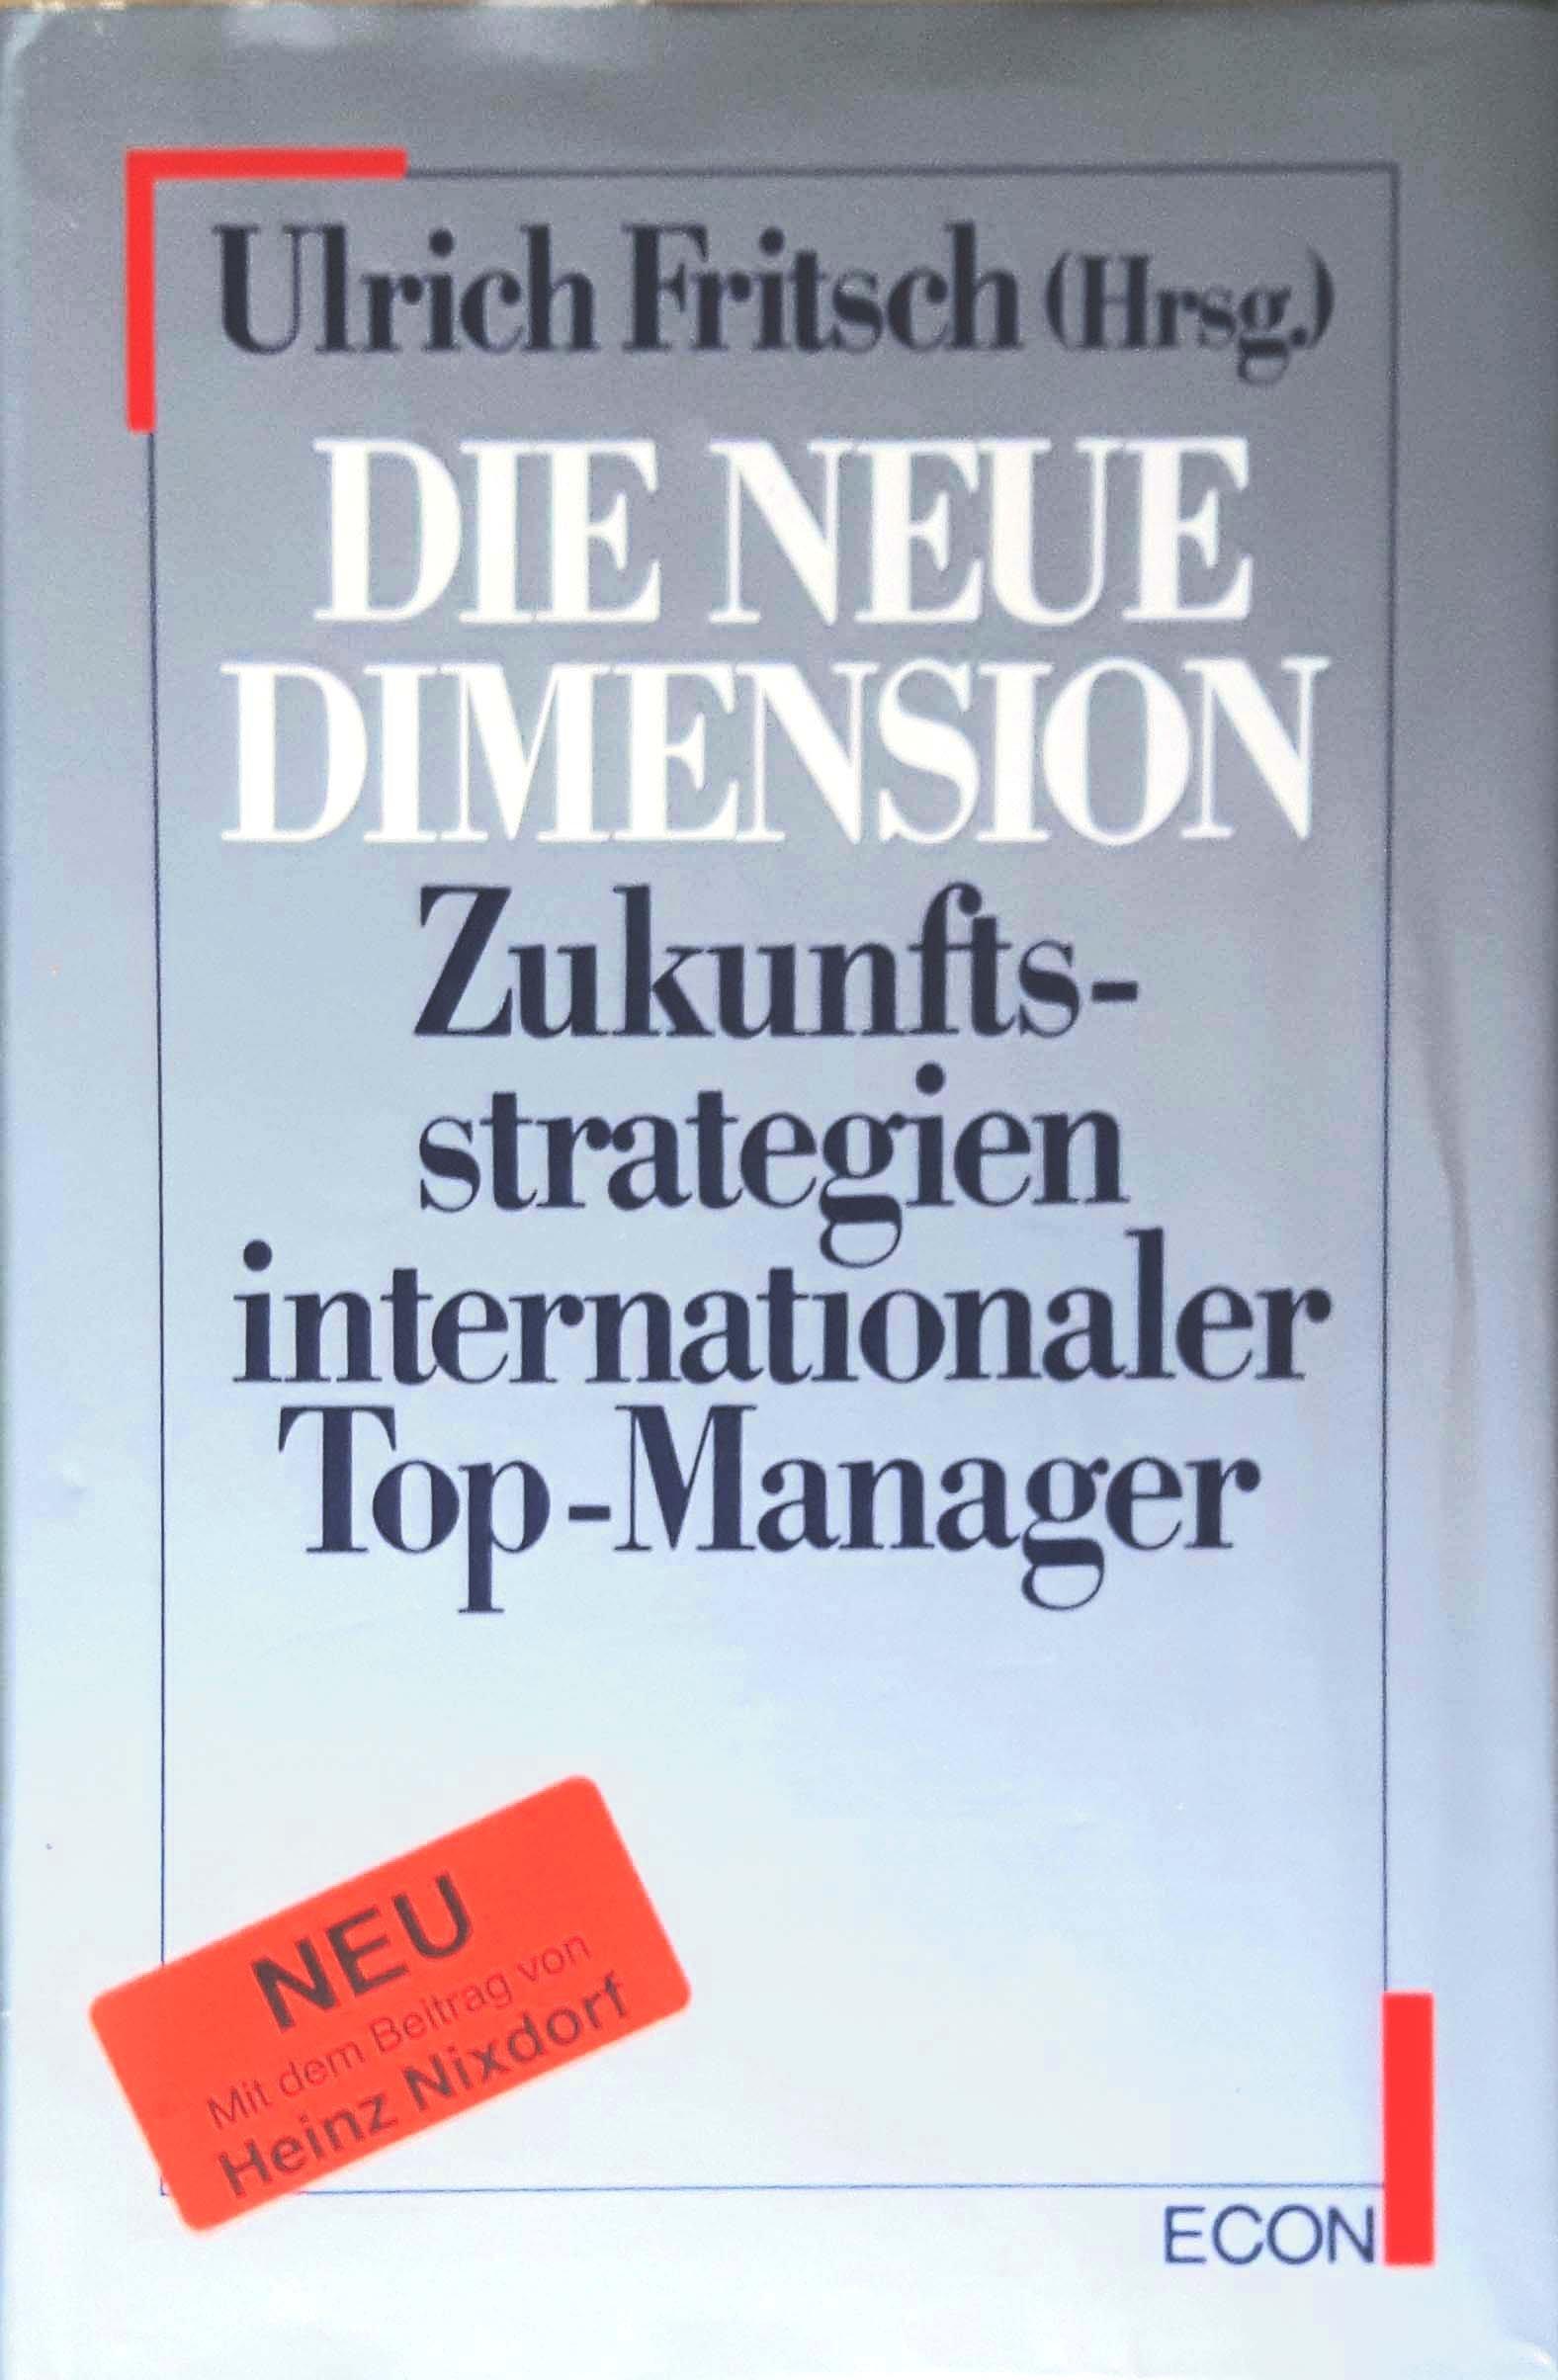 Die neue Dimension. Zukunftsstrategien internationaler Top-Manager Gebundenes Buch 3430129699 MAK_VRG_9783430129695